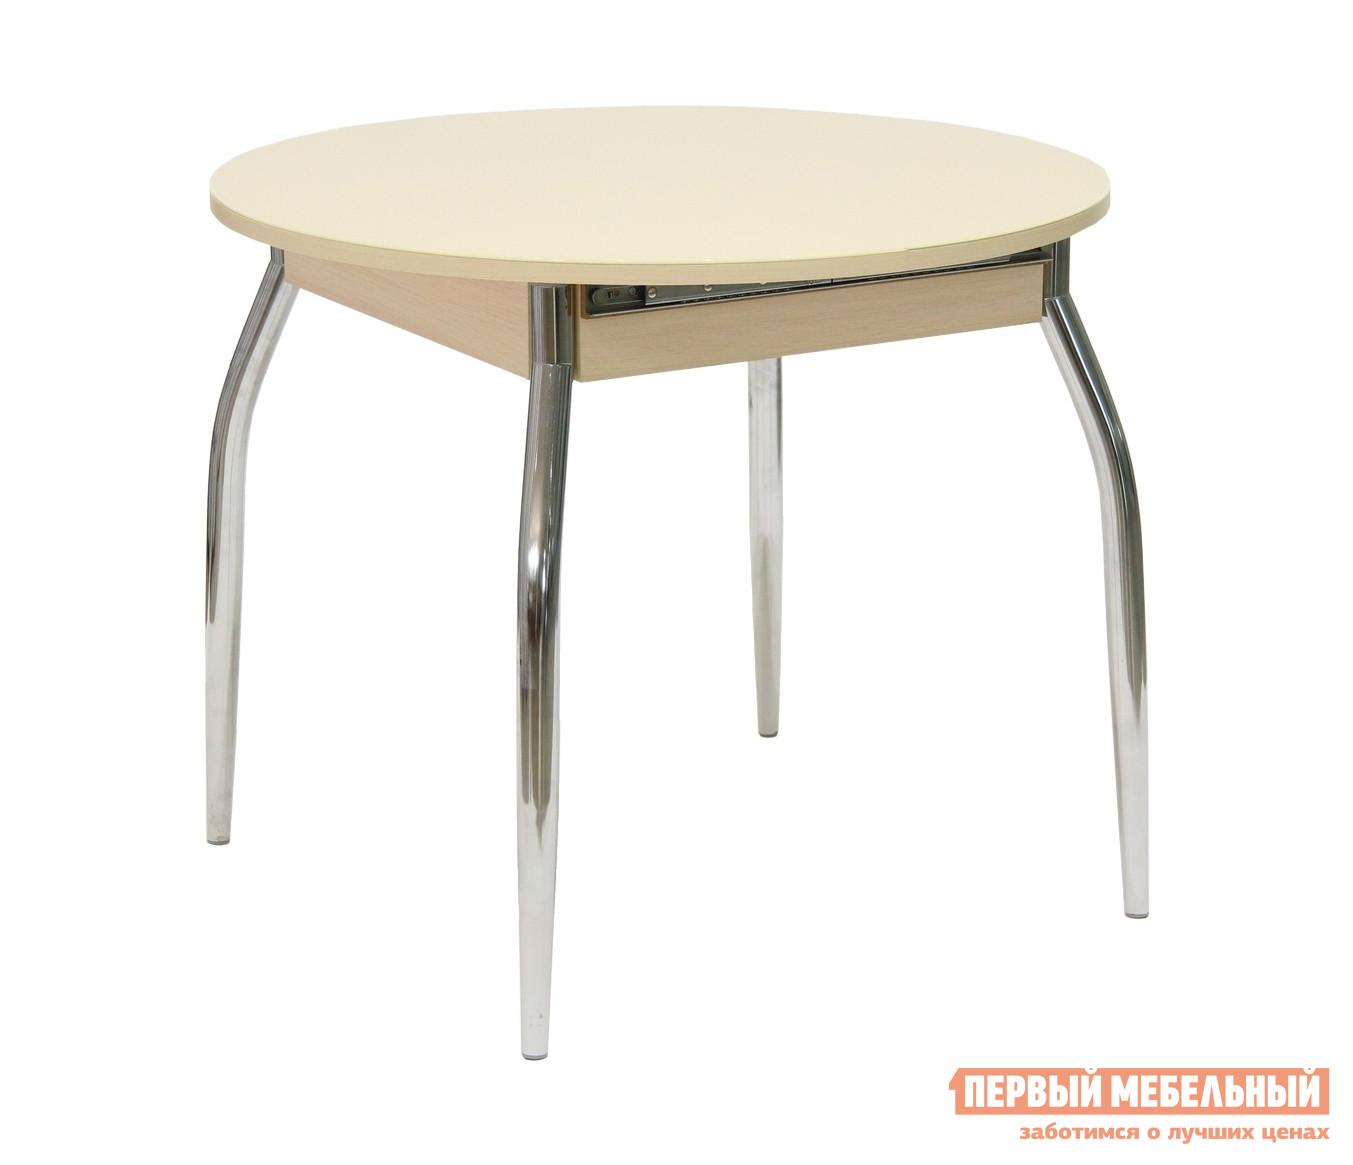 Кухонный стол Первый Мебельный Стол обеденный Сицилия круглый